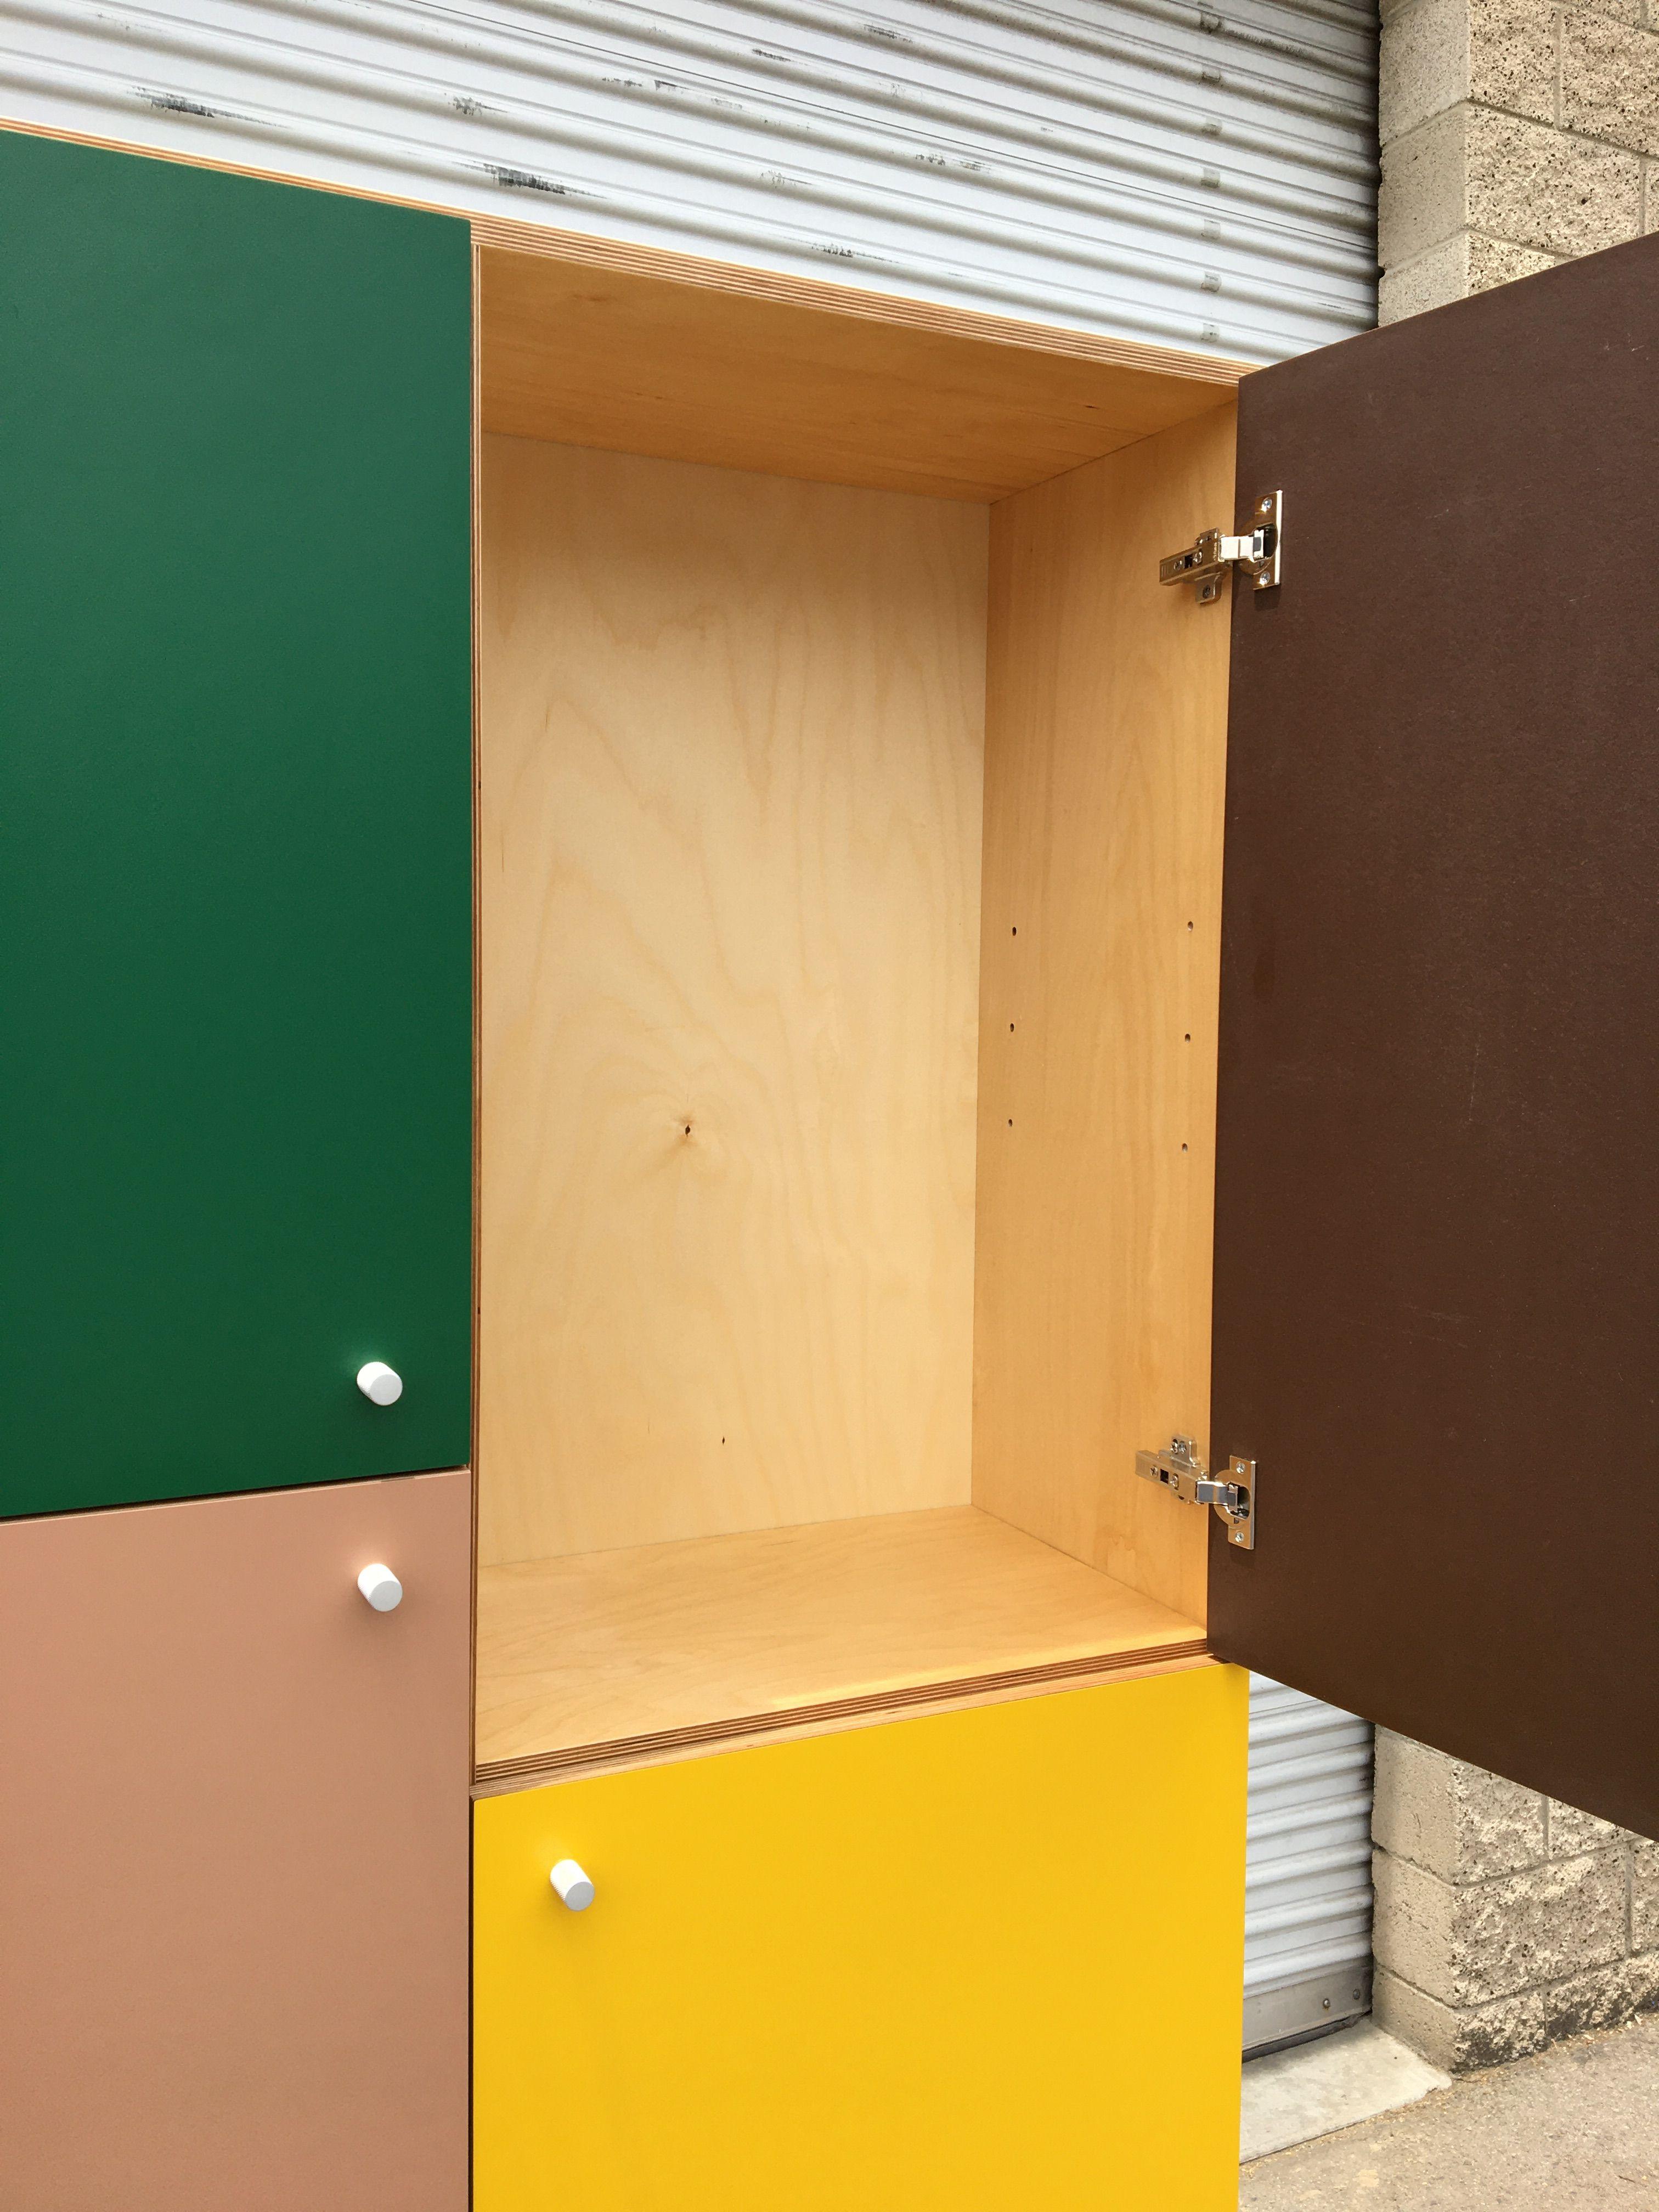 Kitchen Storage Unit product image 7